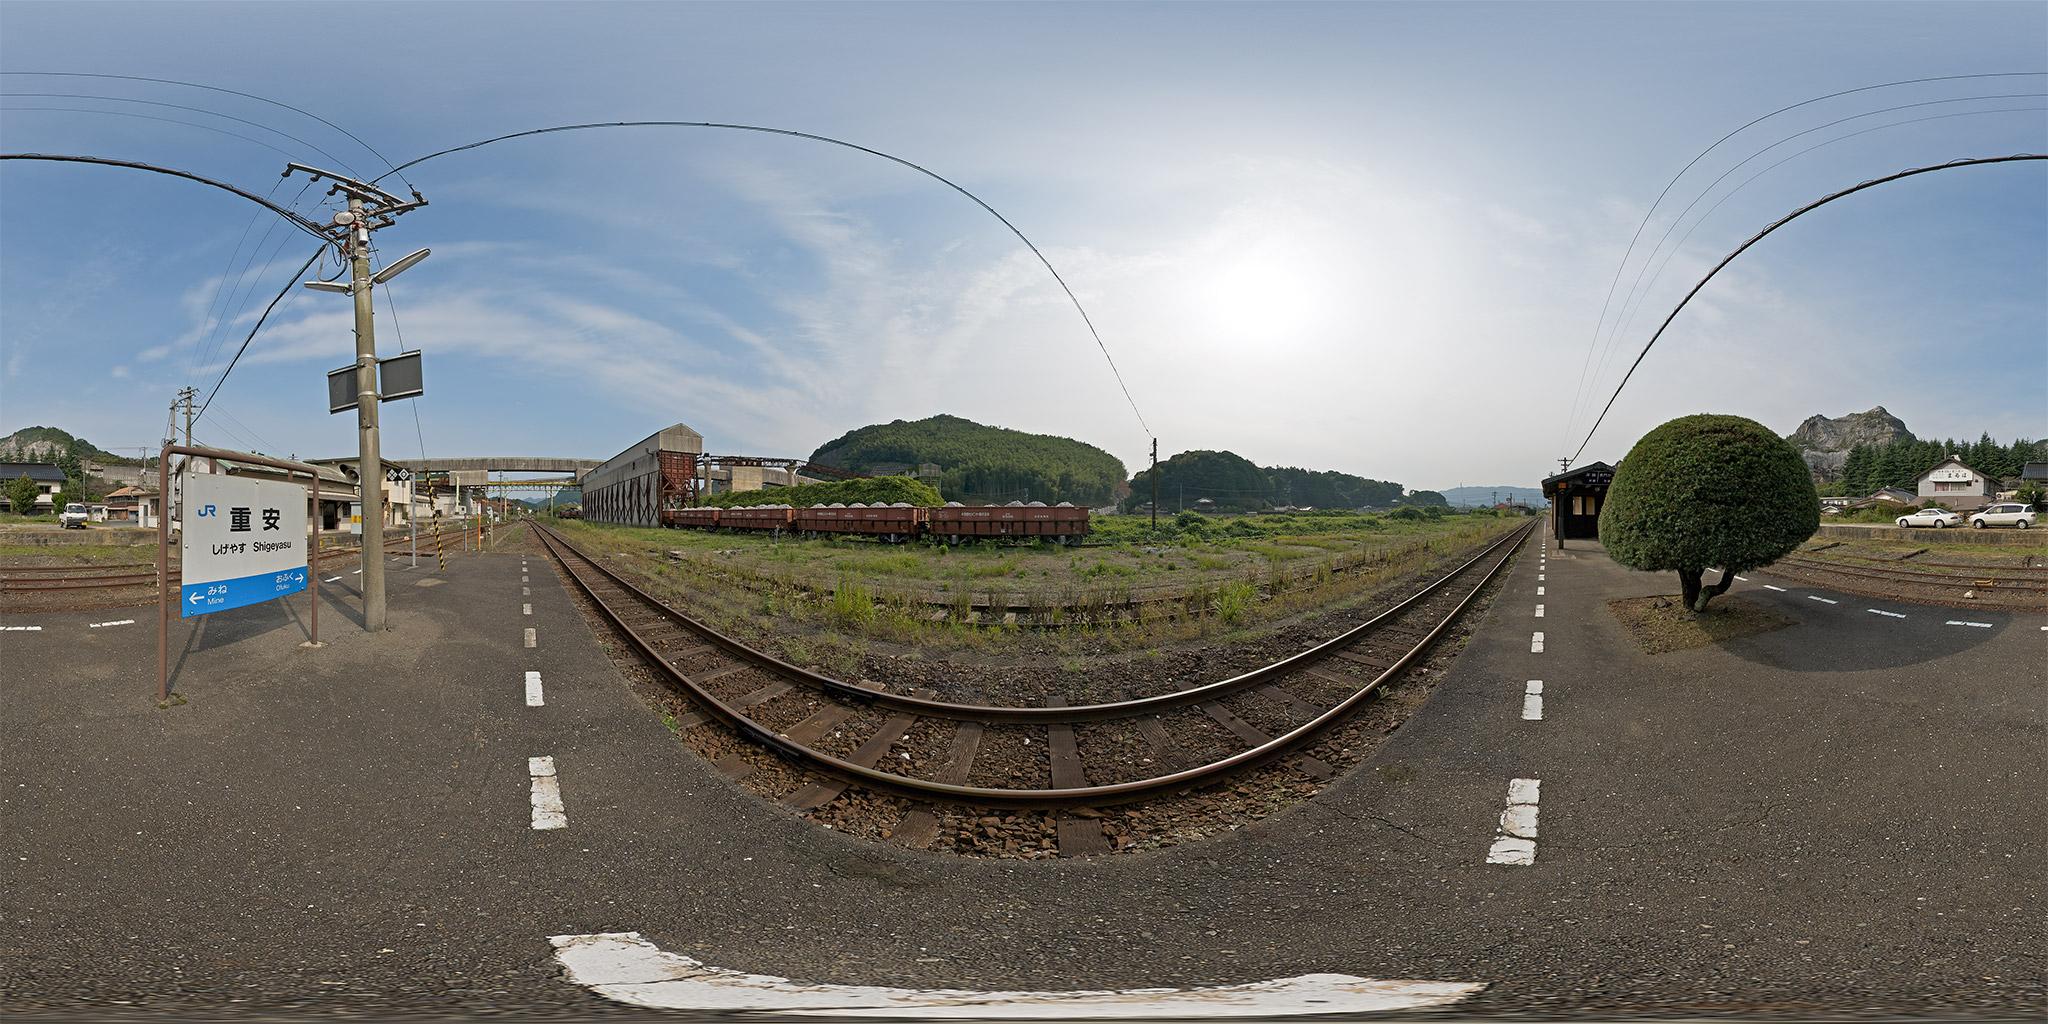 重安駅のホッパーと石灰石専用貨物列車